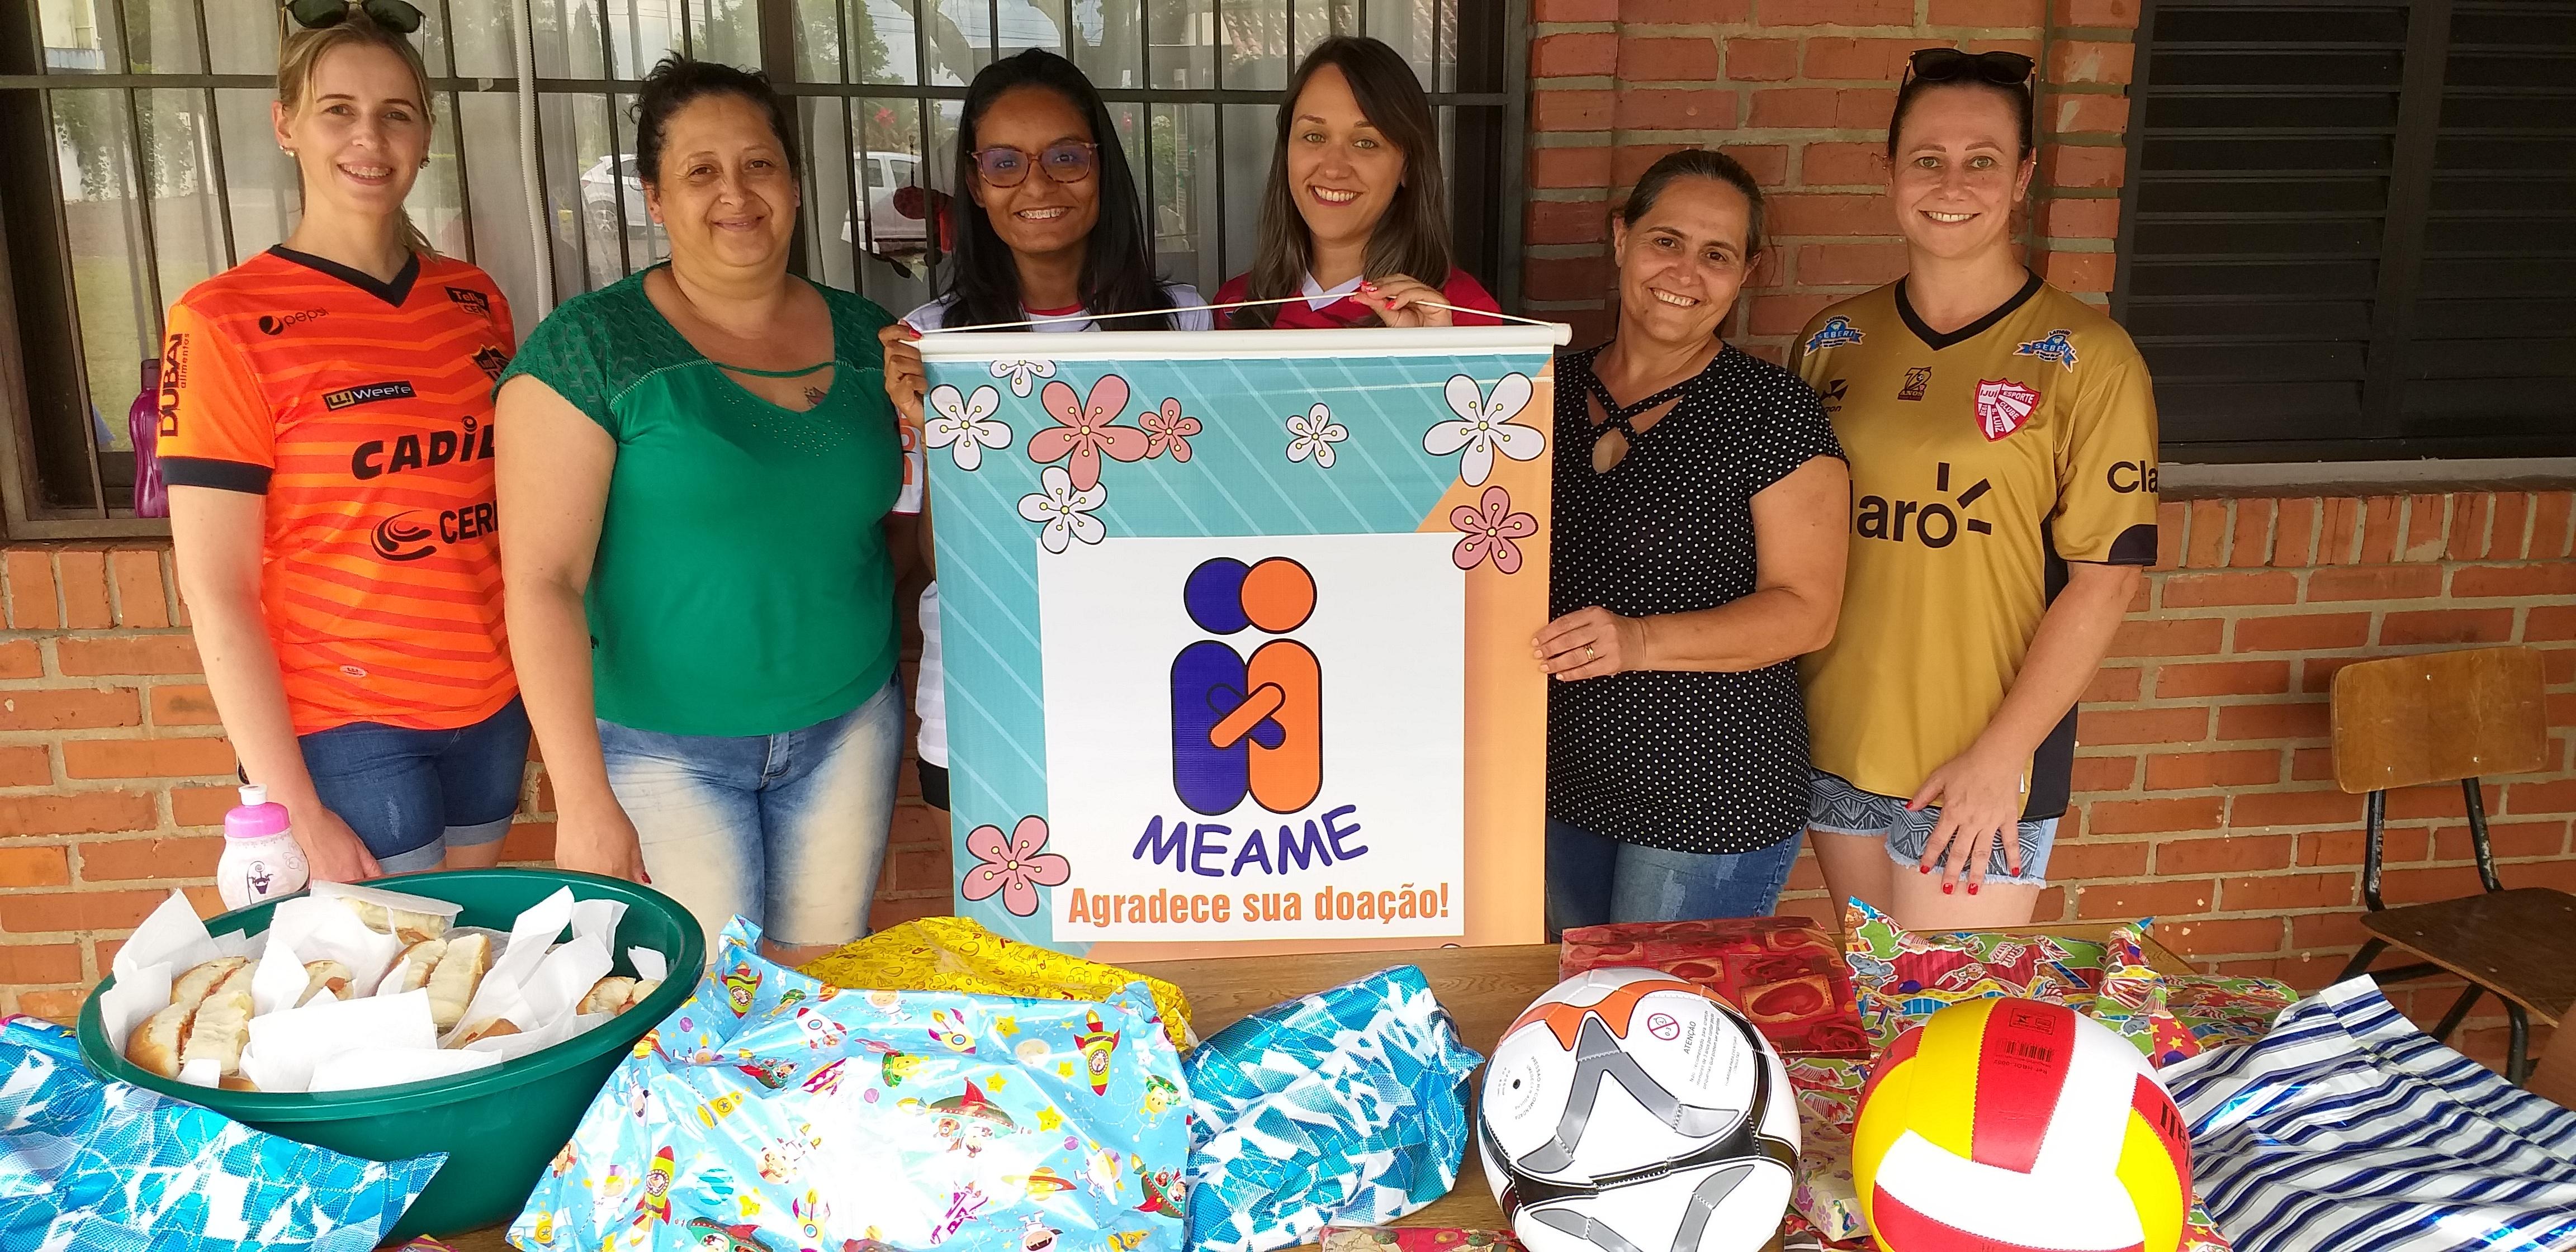 Torcedoras do São Luiz entregam brinquedos para crianças da casa Lar Meame